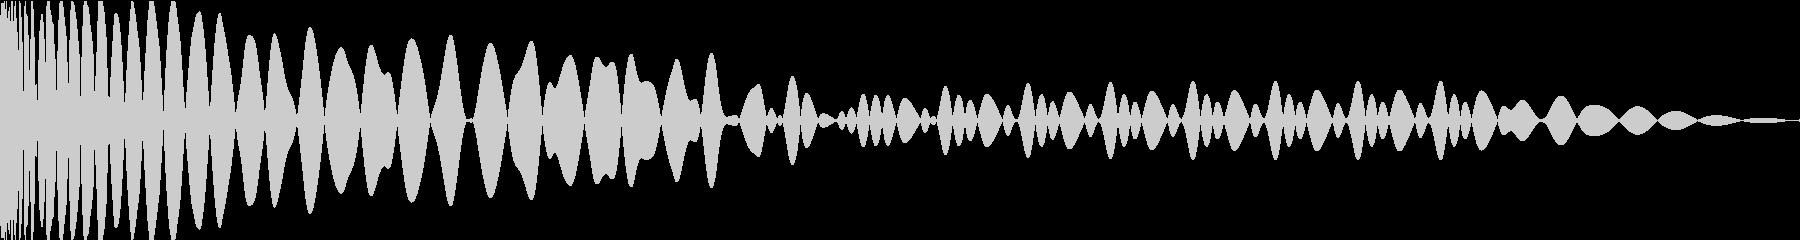 EDMキック キーEの未再生の波形